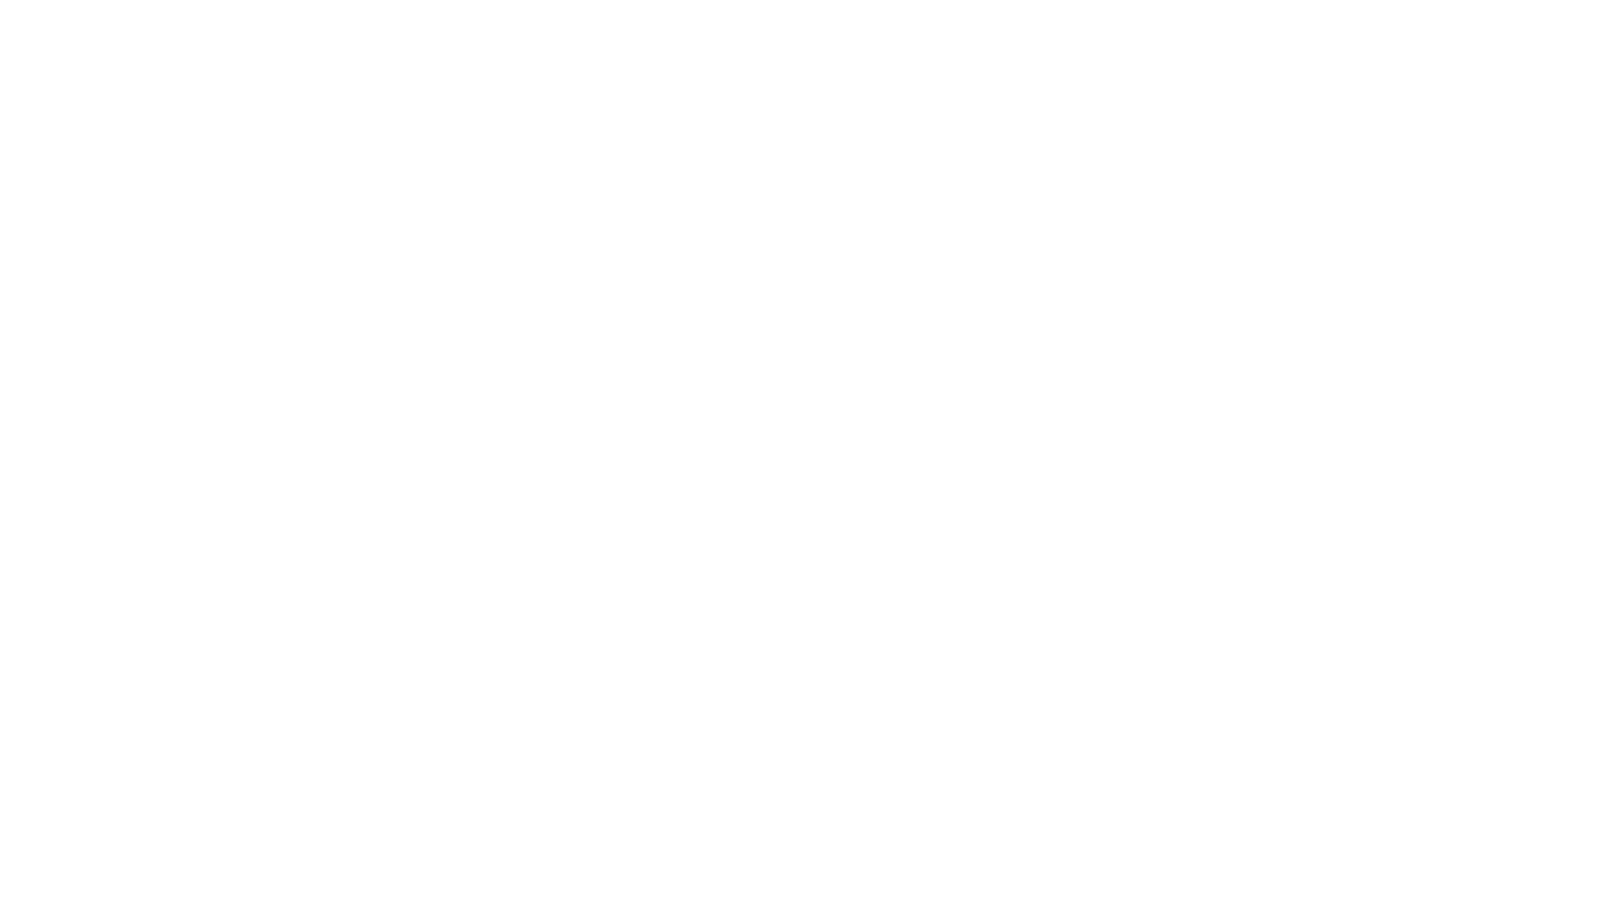 """Willem (Wim) Sonneveld (Utrecht, 28 juni 1917 – Amsterdam, 8 maart 1974) was een Nederlands cabaretier, zanger en acteur. Hij wordt als een van de """"Grote Drie van het Nederlandse cabaret"""" van na de Tweede Wereldoorlog beschouwd, samen met Toon Hermans en Wim Kan. (Wikipedia)Deze opname van 'Het Dorp' is de dertiende en laatste in de serie 'Parels van Oranje'. Het doel van dit project is het arrangeren van Nederlandse (volks)liedjes voor de gitaar. Het project begon op tweede paasdag 2020. De opnamen maak ik thuis. Microfoons: Oktava MK-012, Geluidskaart: Focusrite Scarlett 2i2, Camera: Canon EOS 700D, Software: Garageband, Da Vinci Resolve.De gitaar is van de Duitse bouwer Kolya Panhuyzen. Het arrangement is te krijgen via het contactformulier op www.martinvanhees.comTekst: Thuis heb ik nog een ansichtkaart Waarop een kerk een kar met paard Een slagerij J. van der Ven Een kroeg, een juffrouw op de fiets Het zegt u hoogstwaarschijnlijk niets Maar het is waar ik geboren ben Dit dorp, ik weet nog hoe het was De boerenkind'ren in de klas Een kar die ratelt op de keien Het raadhuis met een pomp ervoor Een zandweg tussen koren door Het vee, de boerderijen En langs het tuinpad van m'n vader Zag ik de hoge bomen staan Ik was een kind en wist niet beter Dan dat 't nooit voorbij zou gaan Wat leefden ze eenvoudig toen In simp'le huizen tussen groen Met boerenbloemen en een heg Maar blijkbaar leefden ze verkeerd Het dorp is gemoderniseerd En nou zijn ze op de goeie weg Want ziet, hoe rijk het leven is Ze zien de televisiequiz En wonen in betonnen dozen Met flink veel glas, dan kun je zien Hoe of het bankstel staat bij Mien En d'r dressoir met plastic rozen En langs het tuinpad van m'n vader Zag ik de hoge bomen staan Ik was een kind en wist niet beter Dan dat 't nooit voorbij zou gaan De dorpsjeugd klit wat bij elkaar In minirok en beatle-haar En joelt wat mee met beat-muziek Ik weet wel het is hun goeie recht De nieuwe tijd, net wat u zegt Maar het maakt me wat melancholiek Ik"""